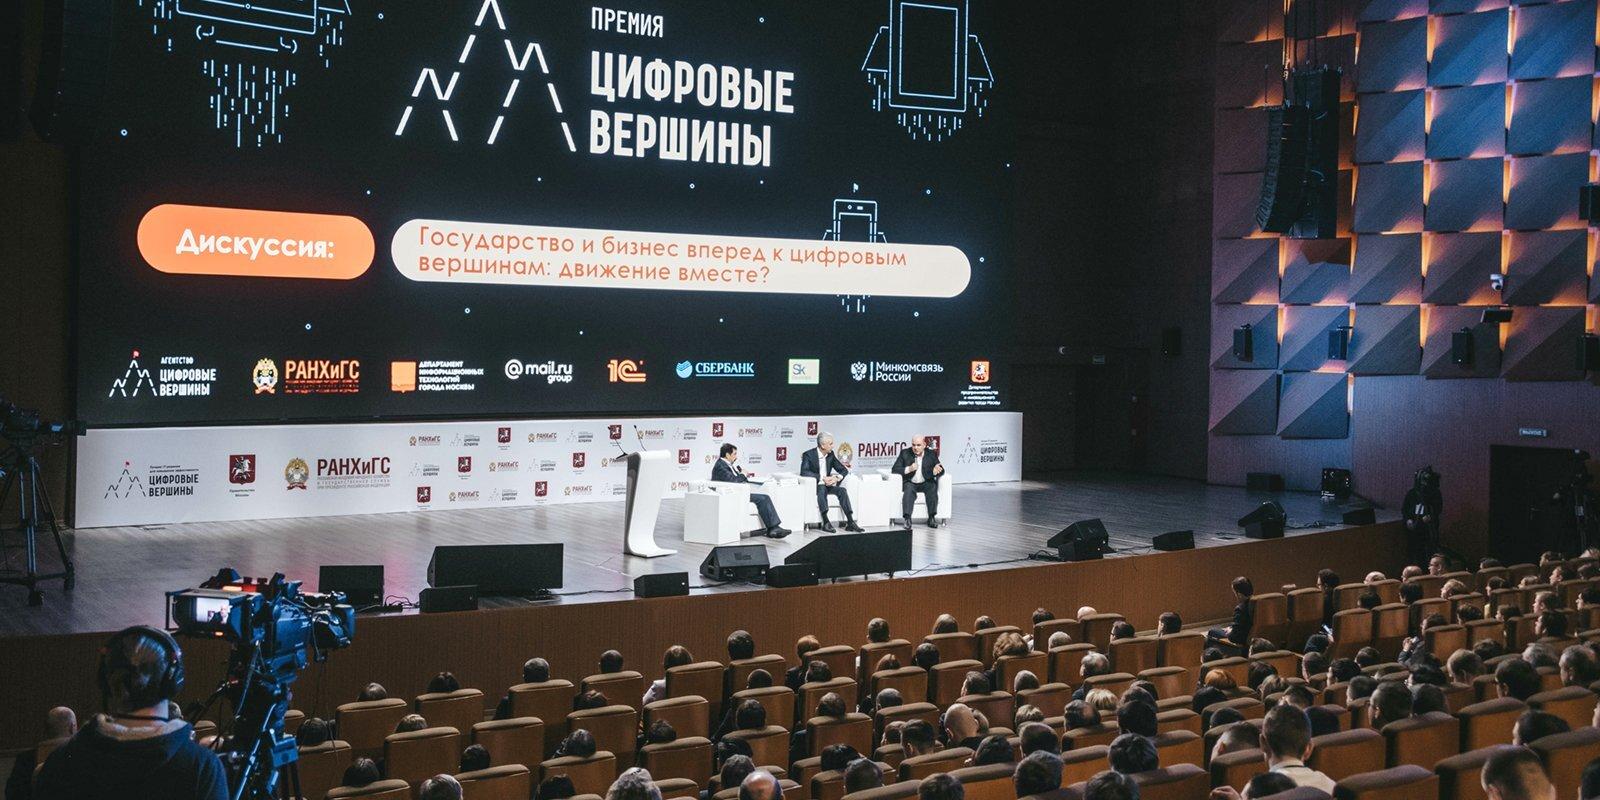 """Разработки компаний """"Сколково"""" победили на конкурсе """"Цифровые вершины 2018"""""""